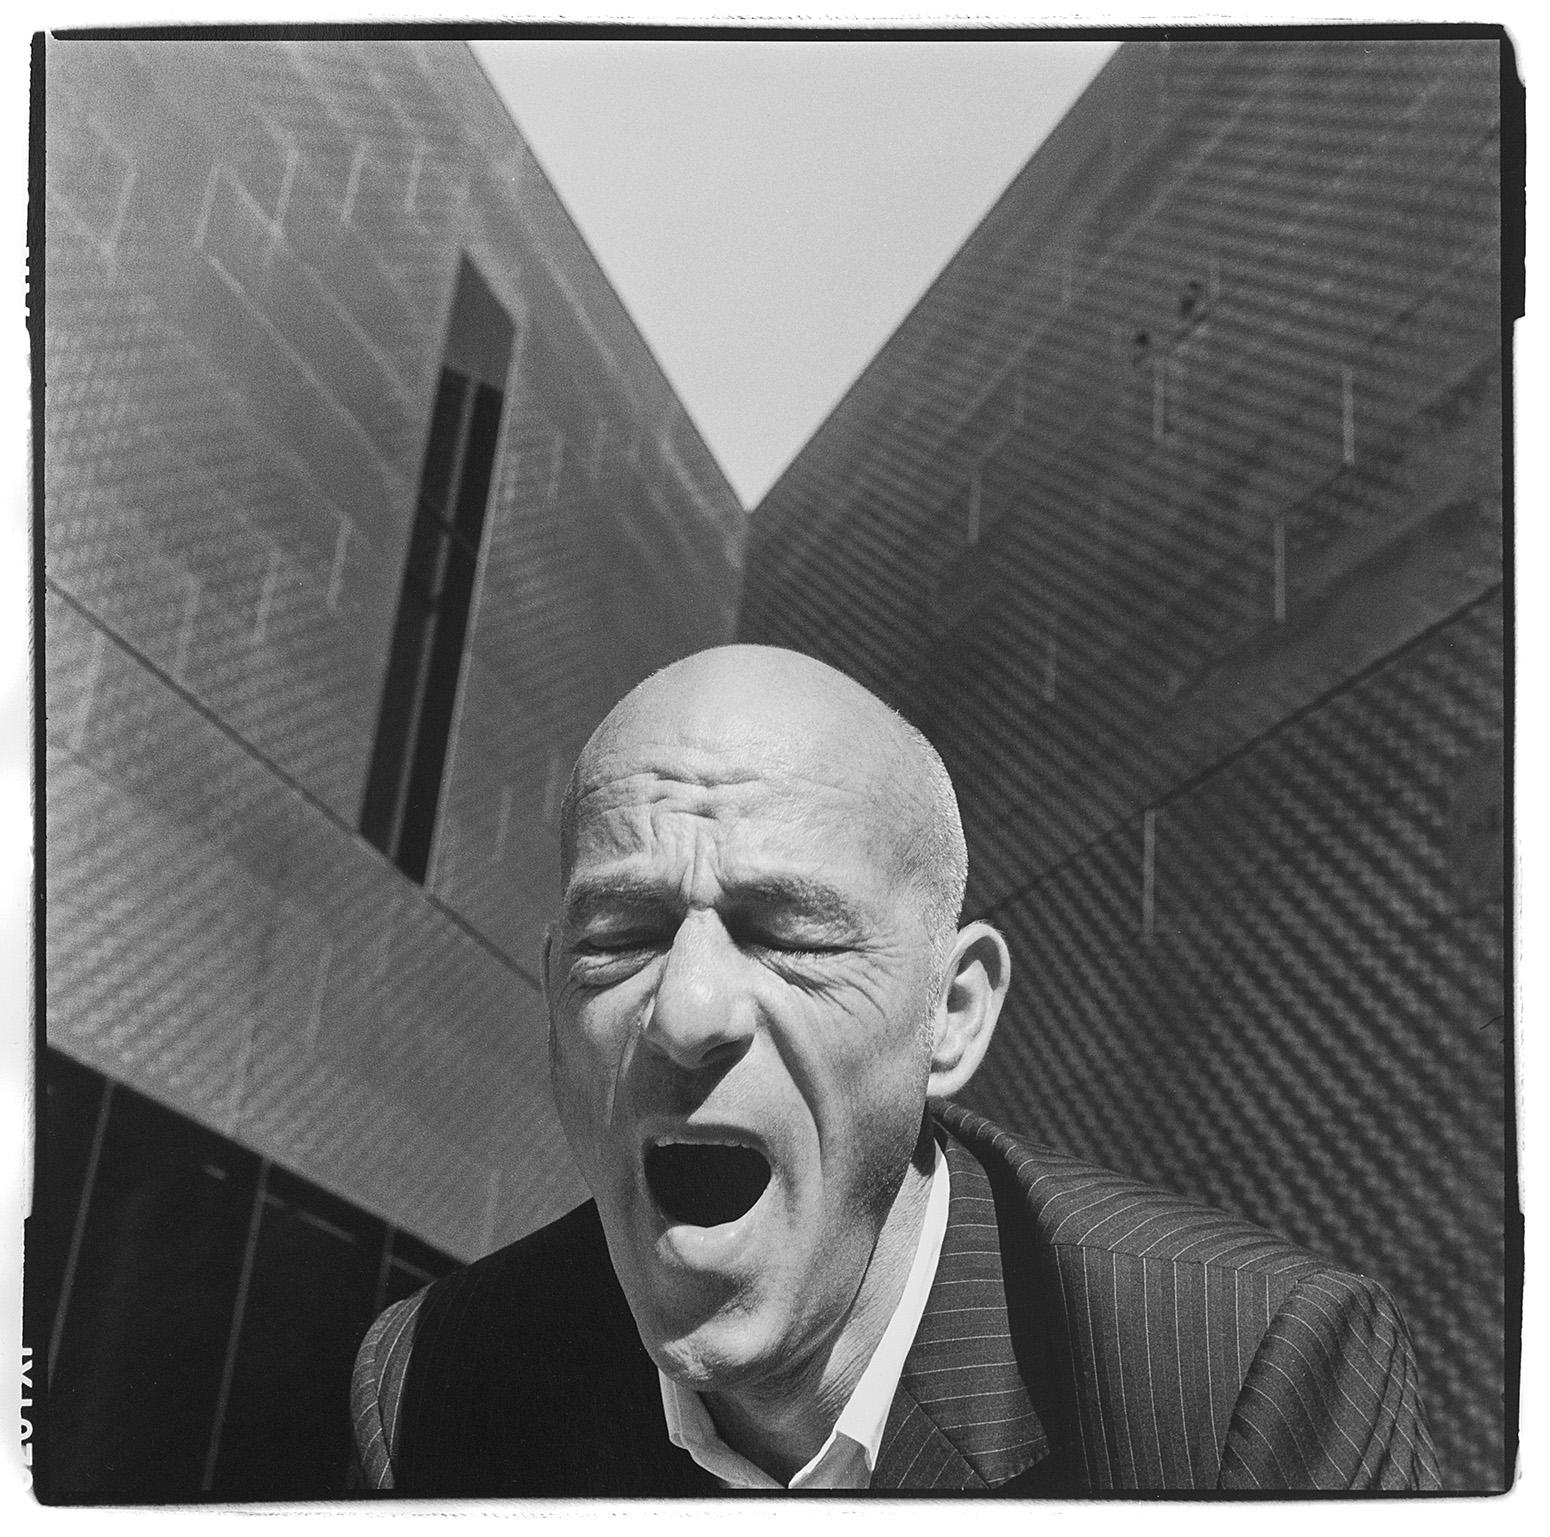 Jacques Herzog, Architect, 2006